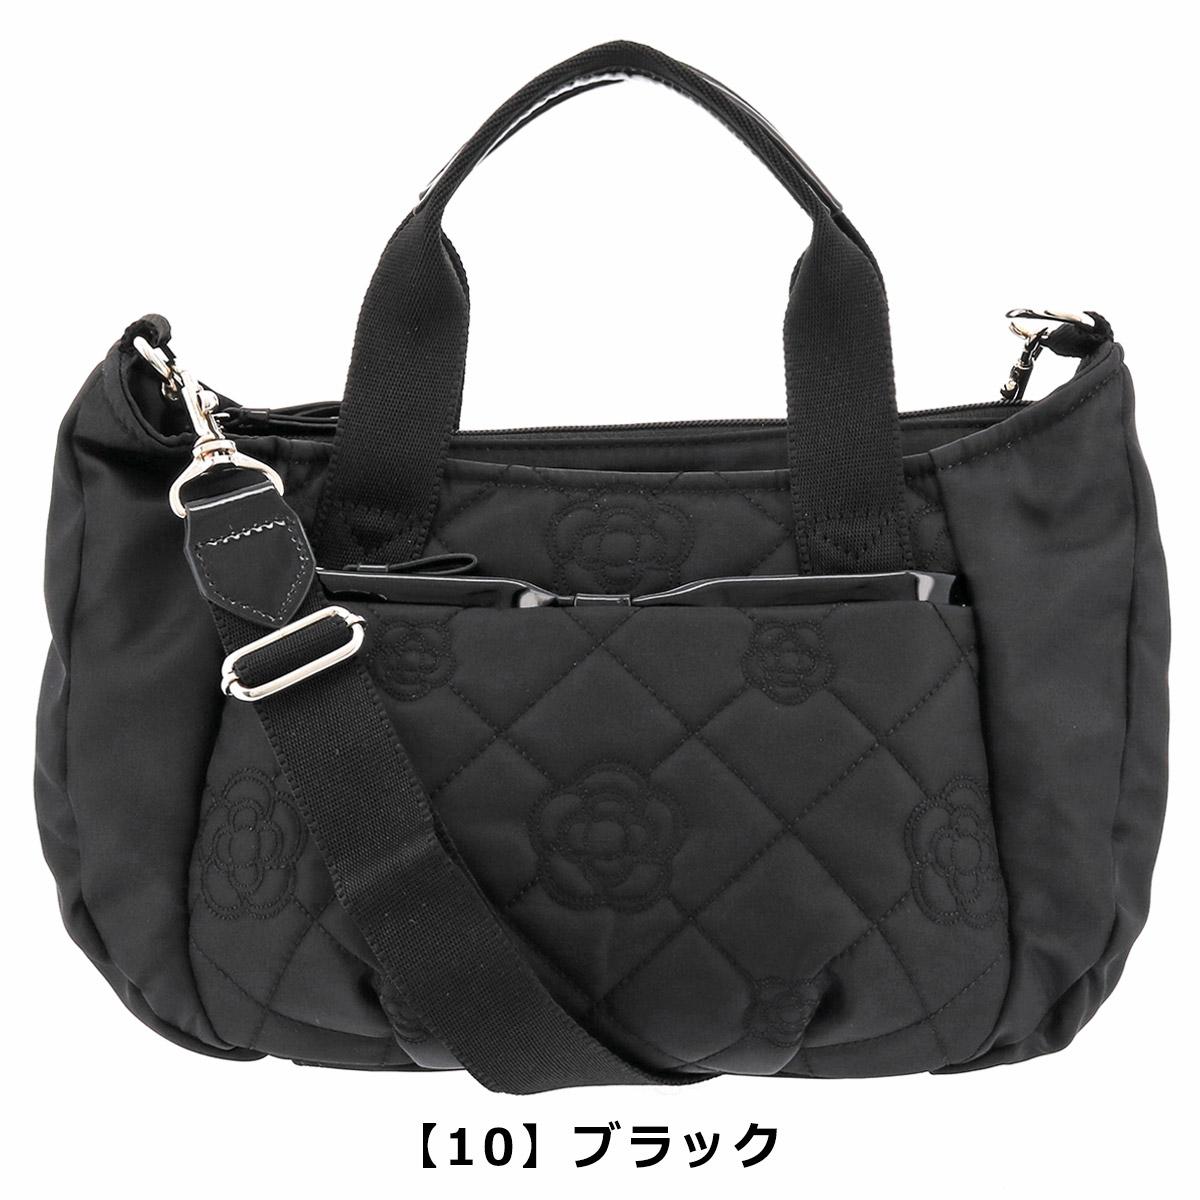 【10】ブラック